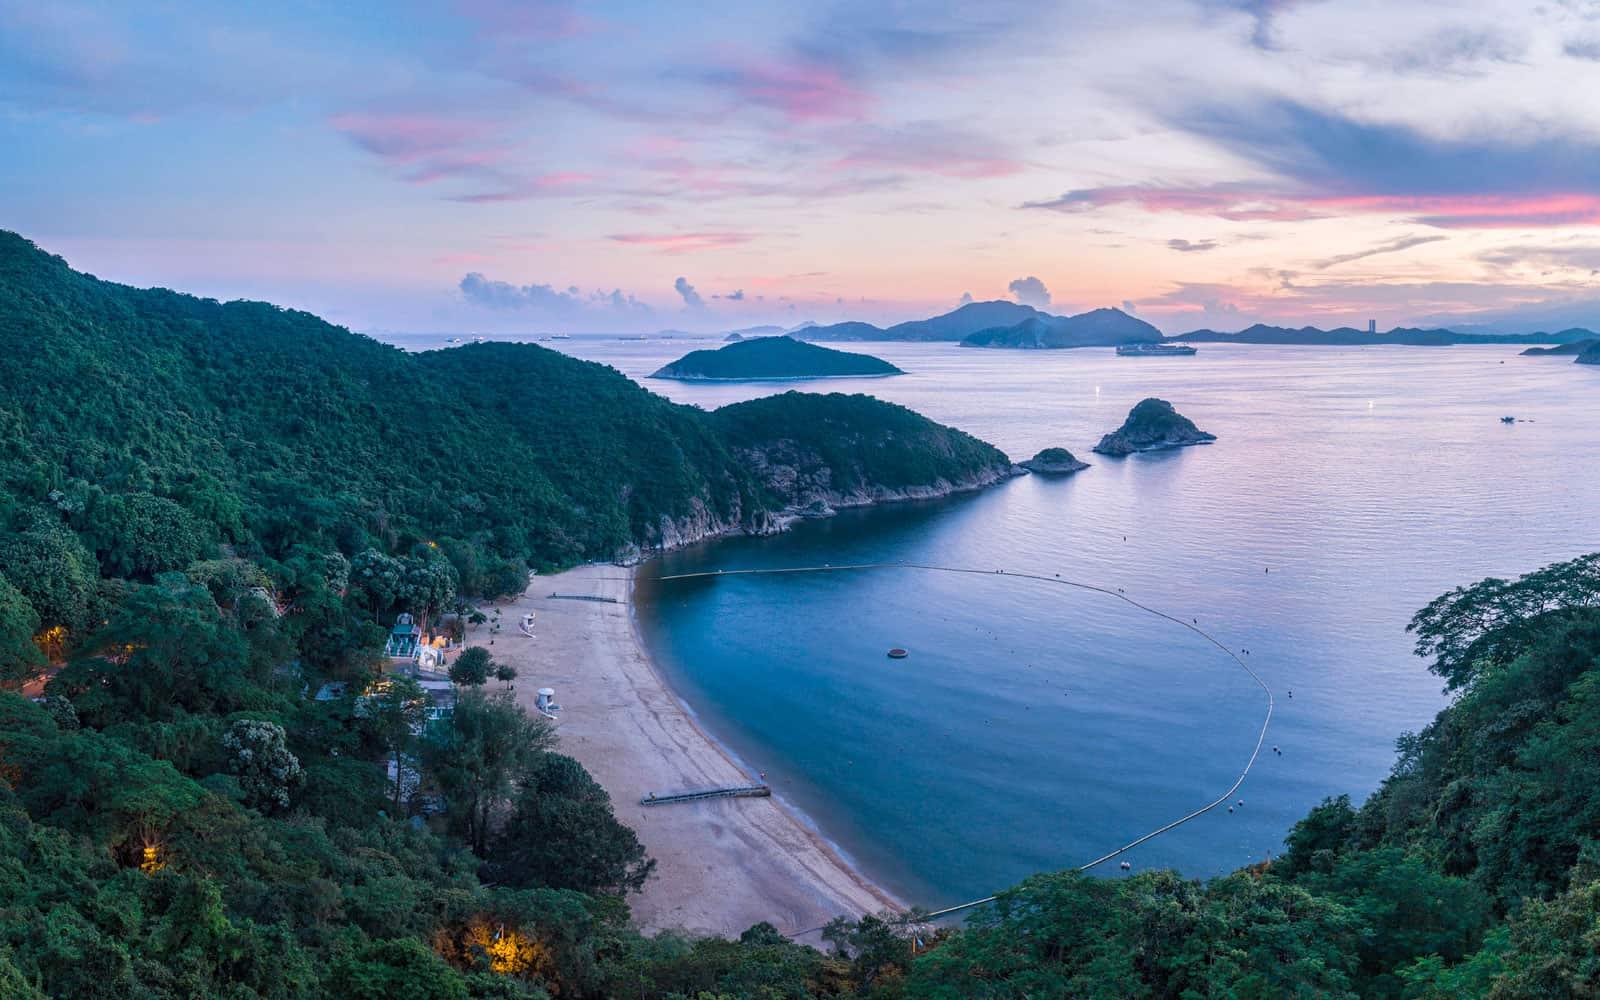 South Bay Beach Hong Kong